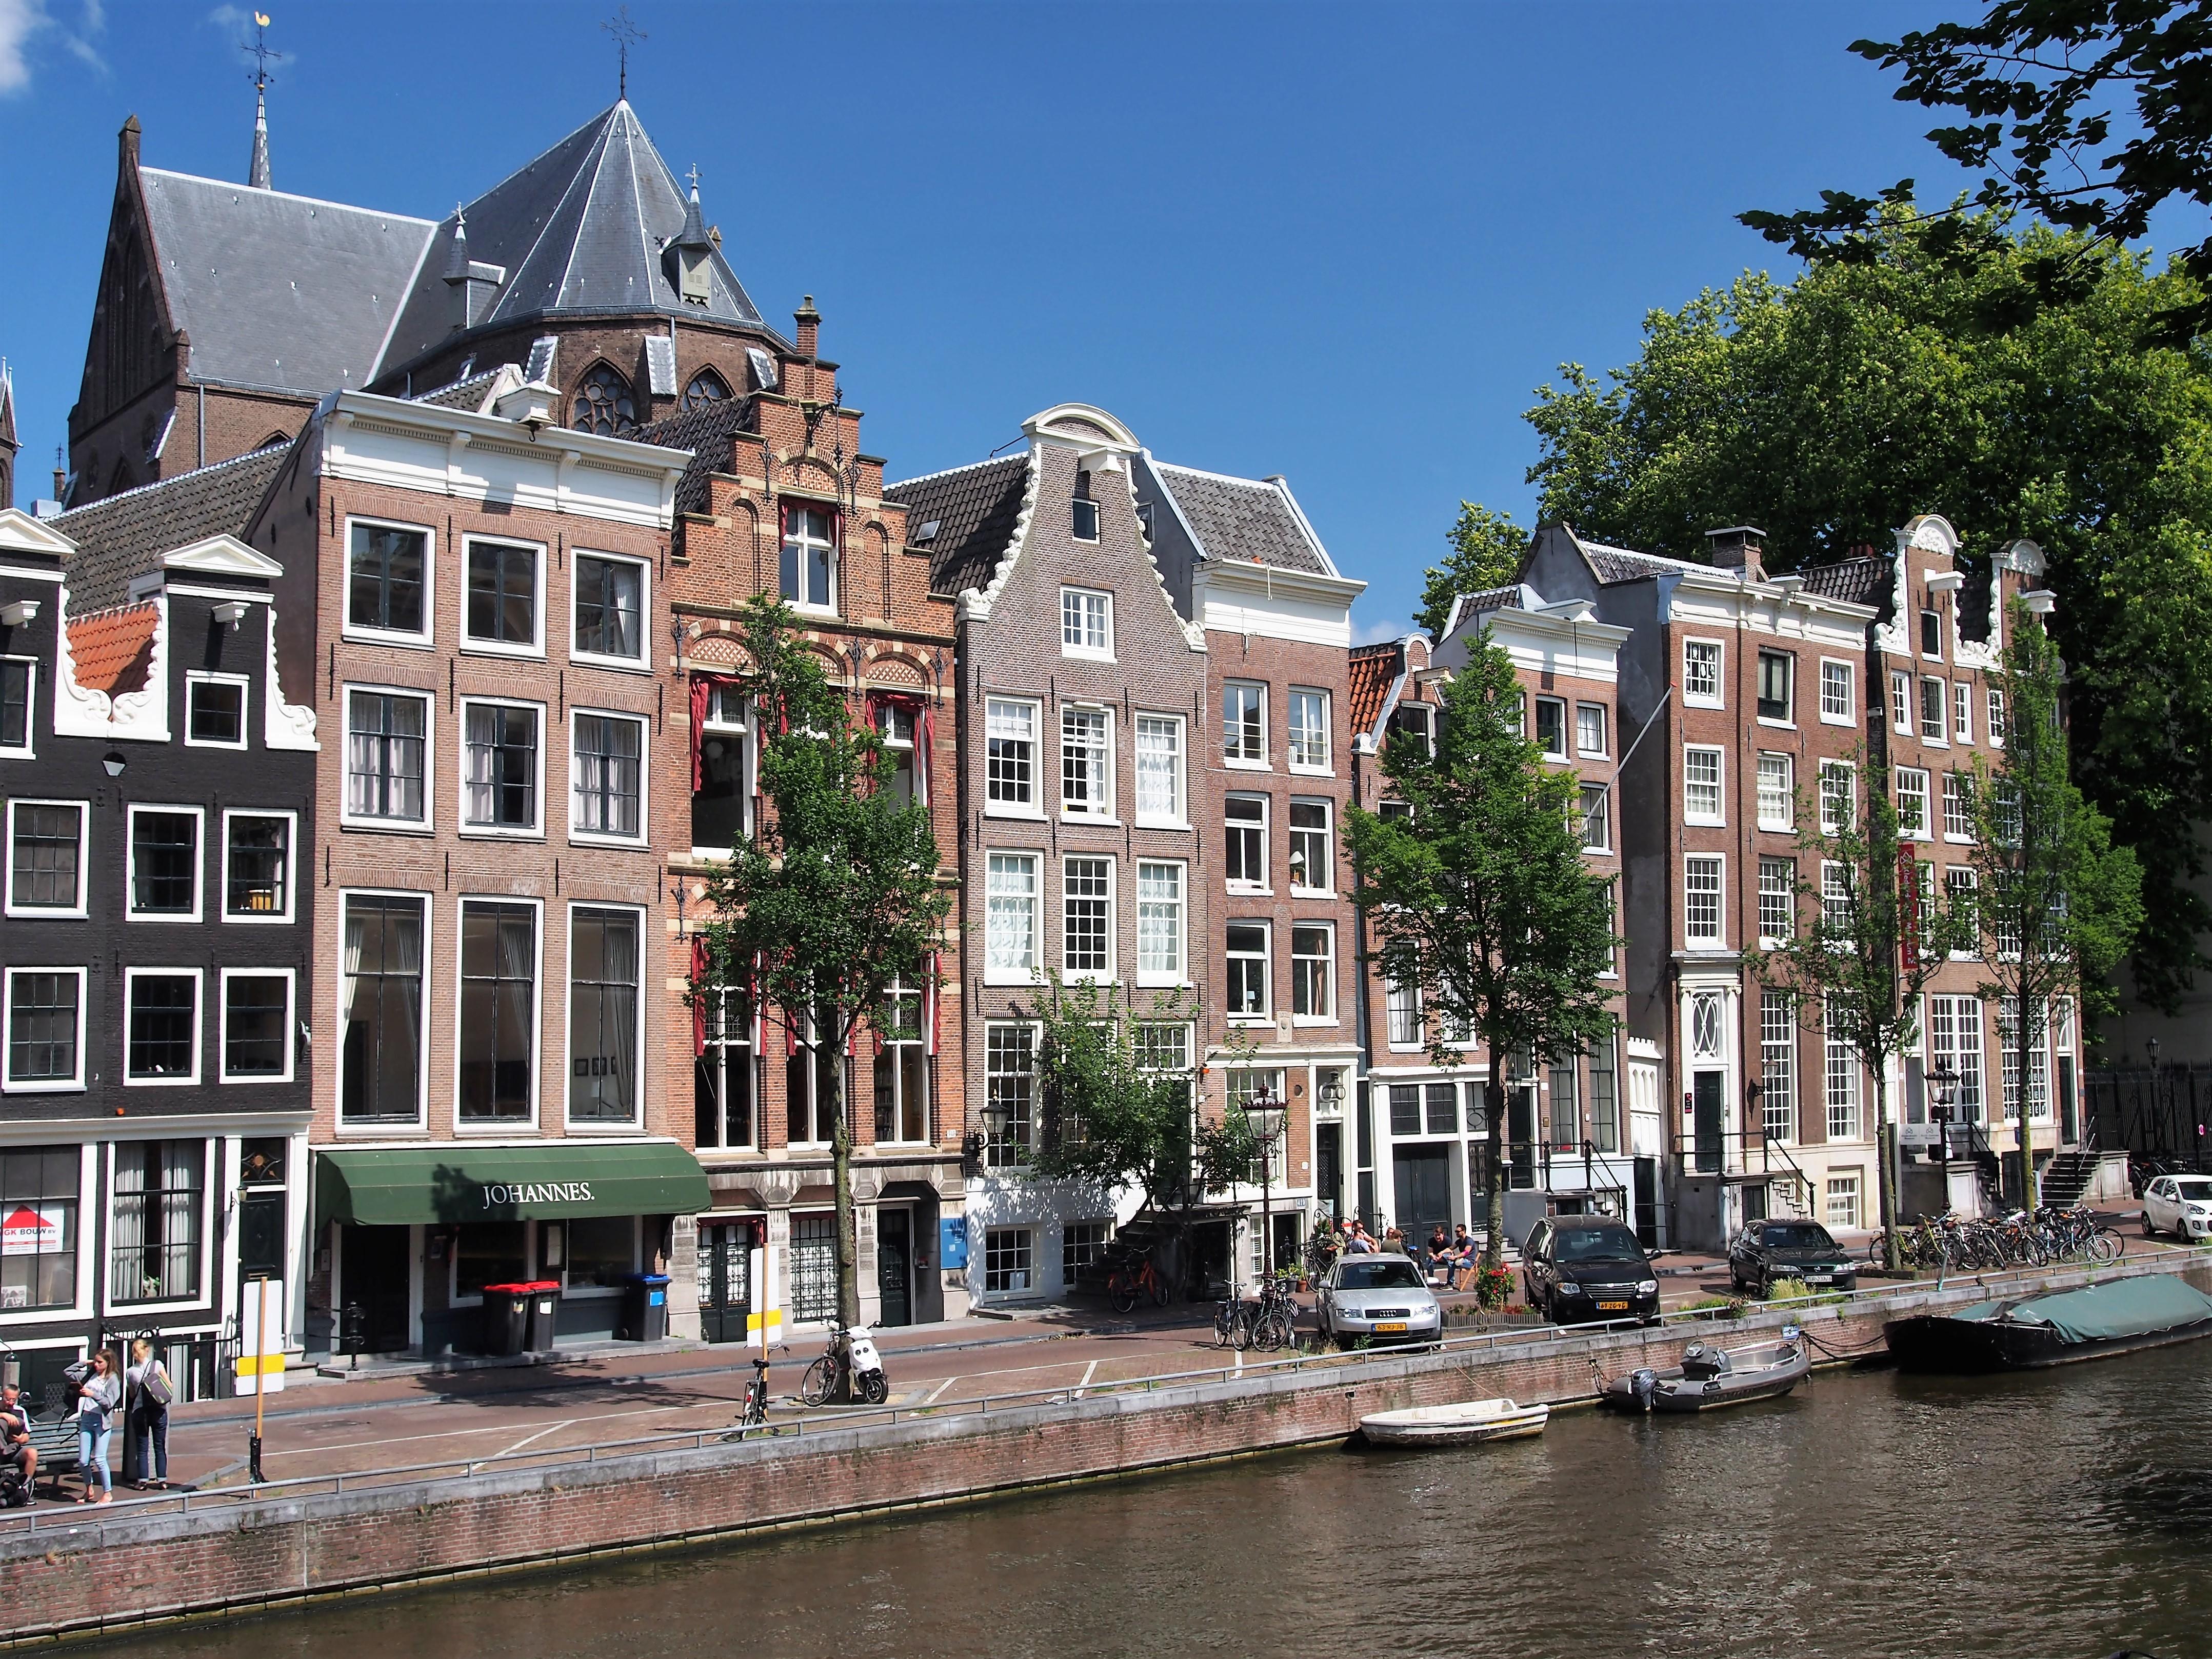 canalrachtinmsterdam,etherlands.